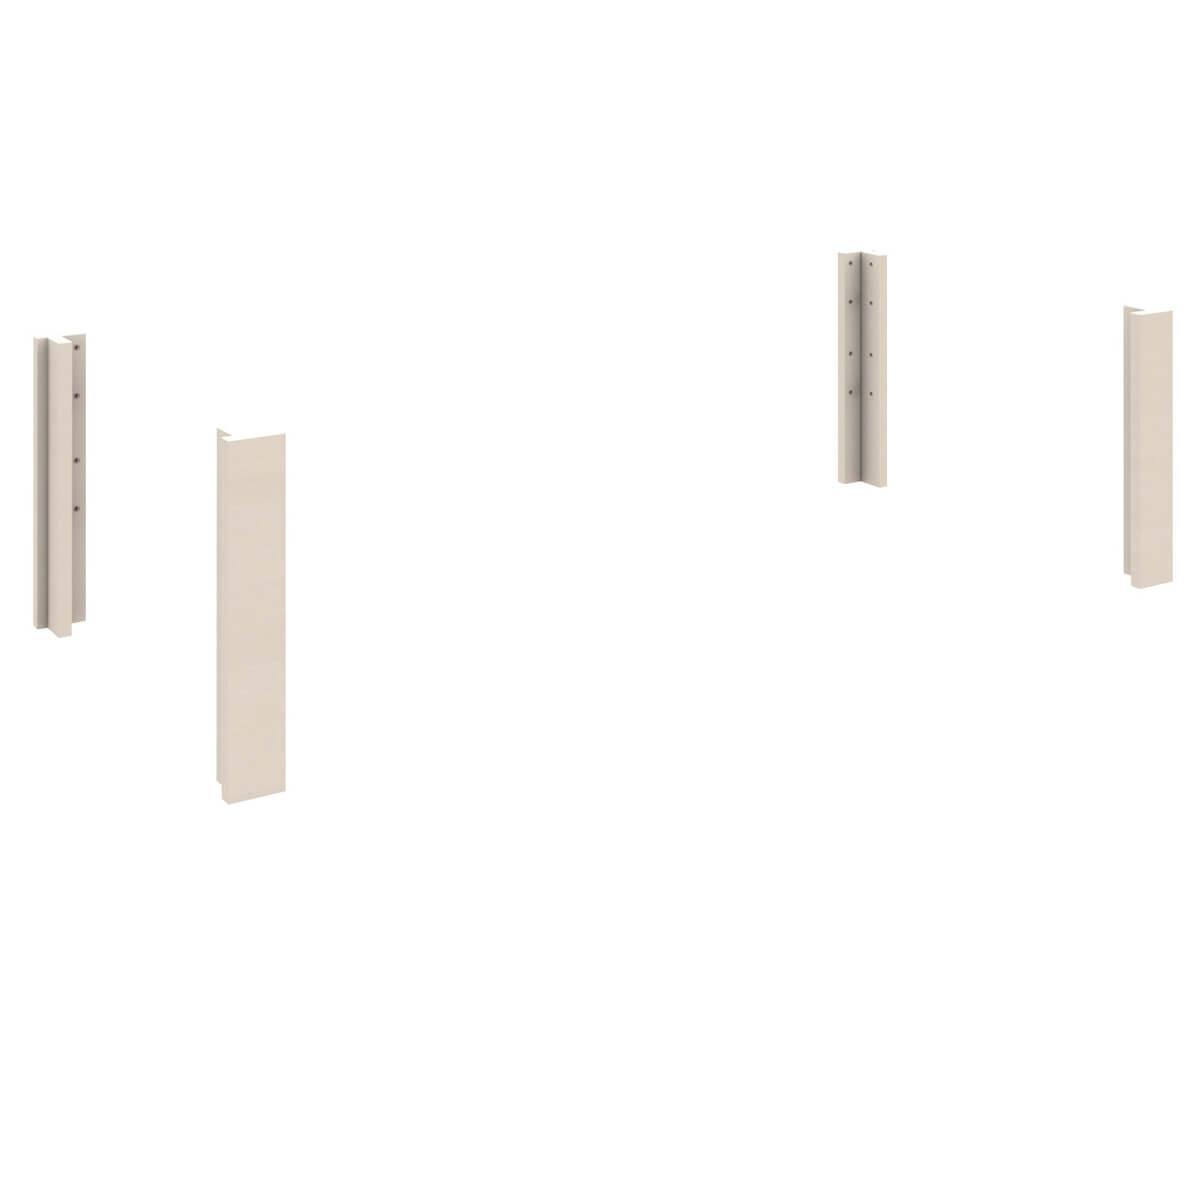 Umbausatz Hochbett-Jugendliege 4 kleine Eckpfosten DESTYLE Debreuyn Buche massiv weiß gebeizt-lackiert